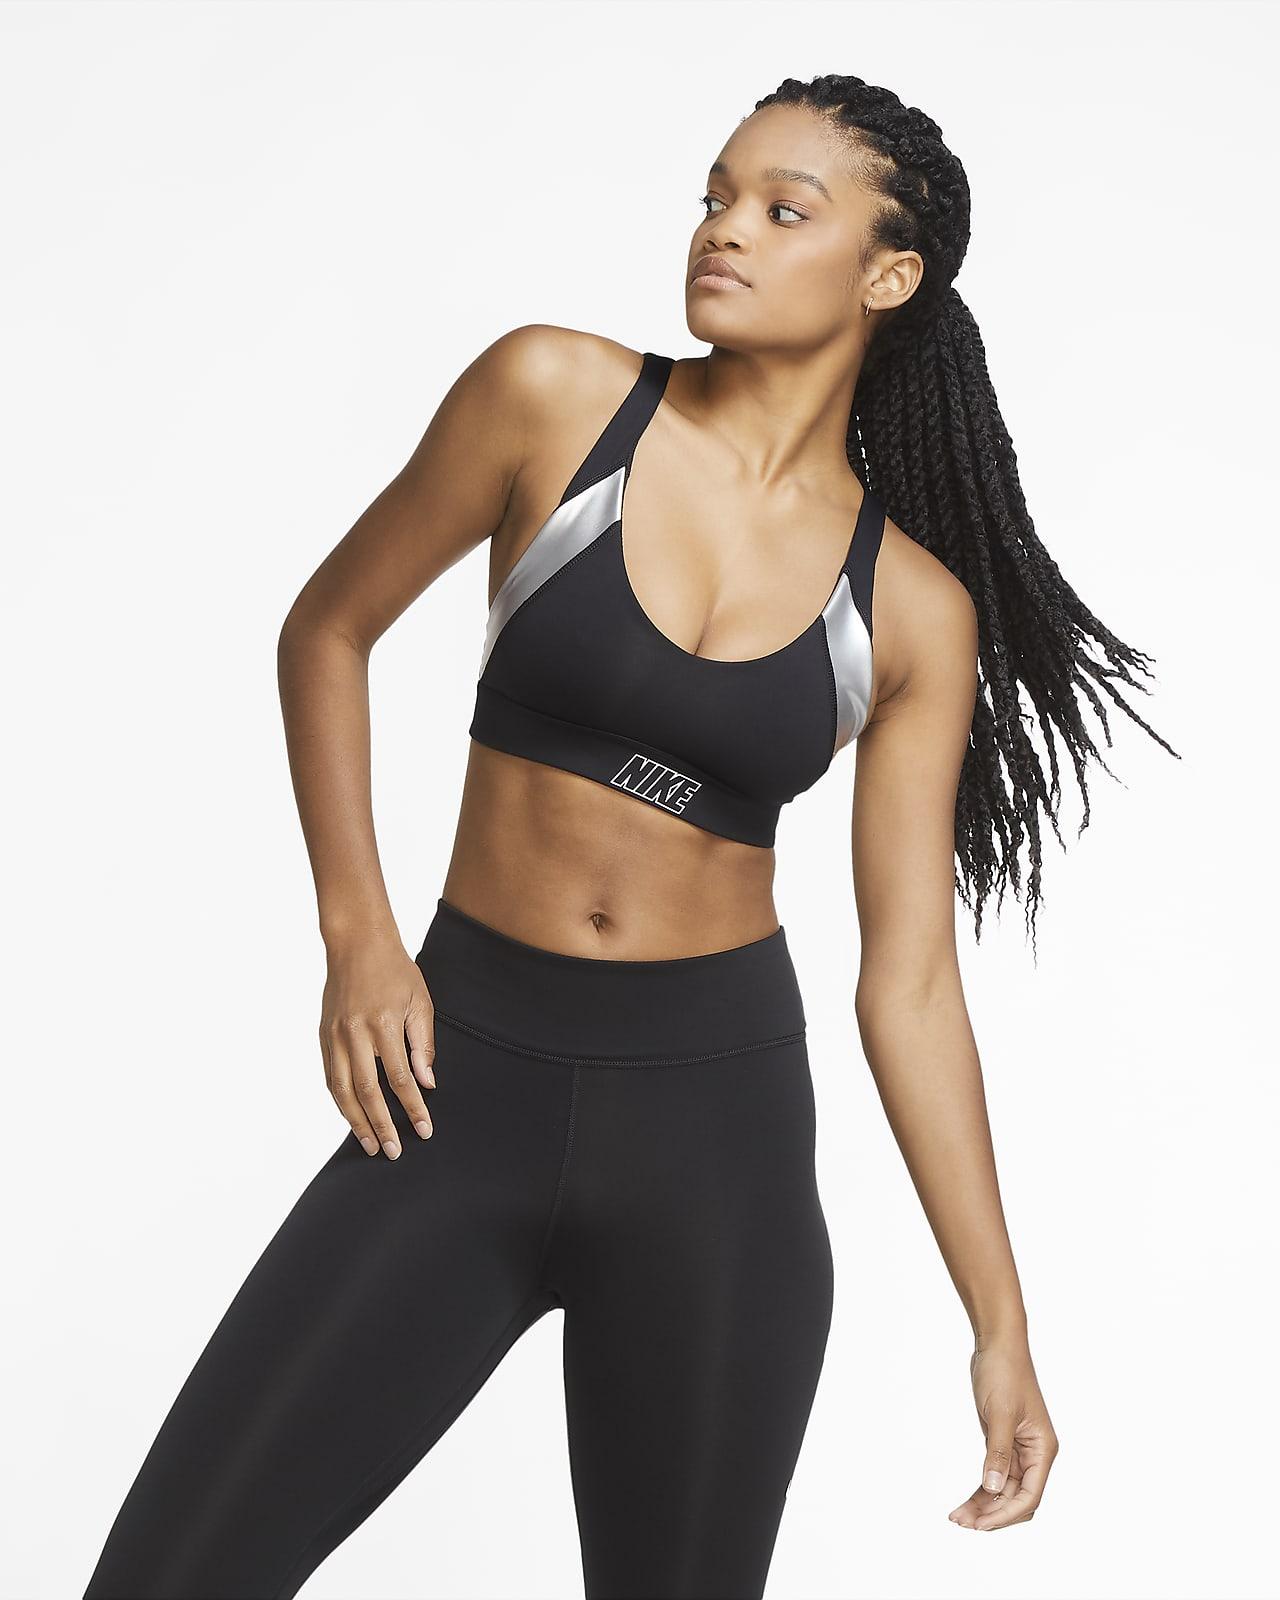 Αθλητικός στηθόδεσμος ελαφριάς στήριξης με ενίσχυση και μεταλλιζέ όψη Nike Indy